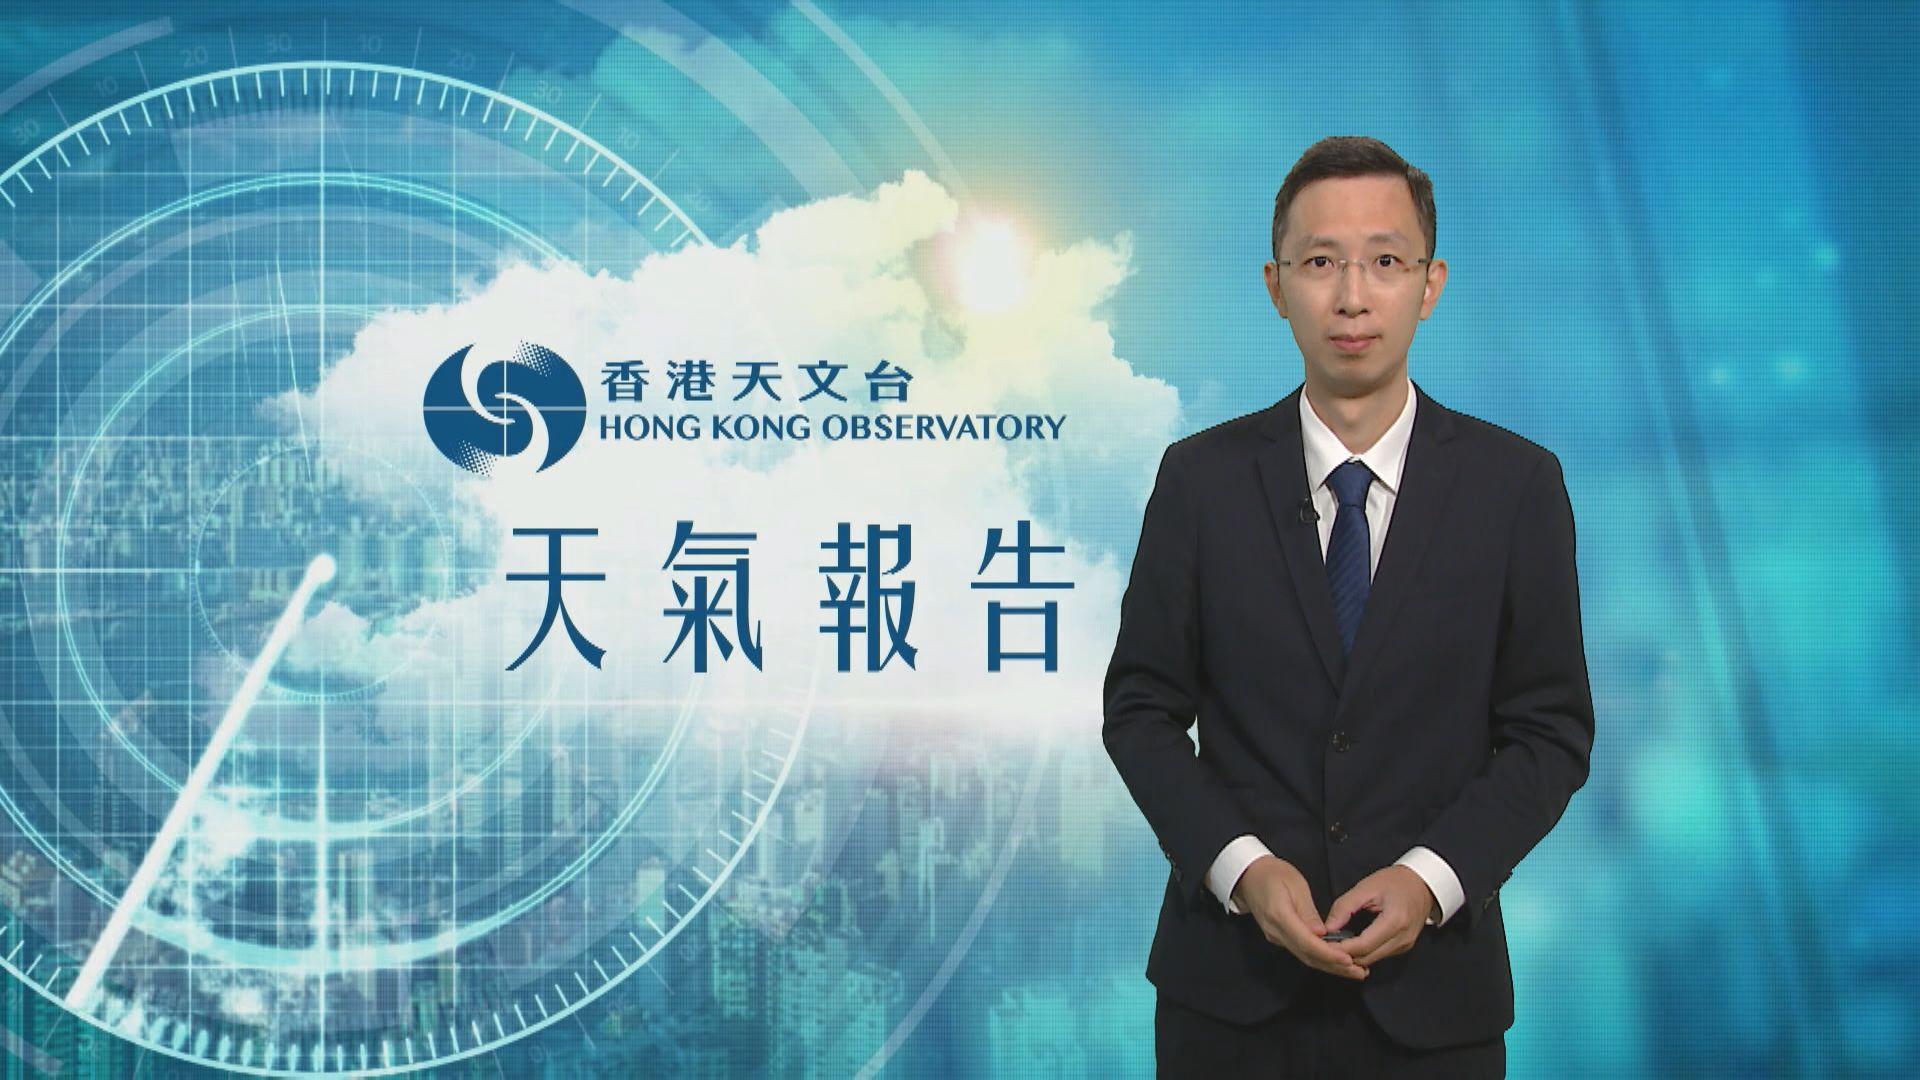 【天氣報告】(5月24日)